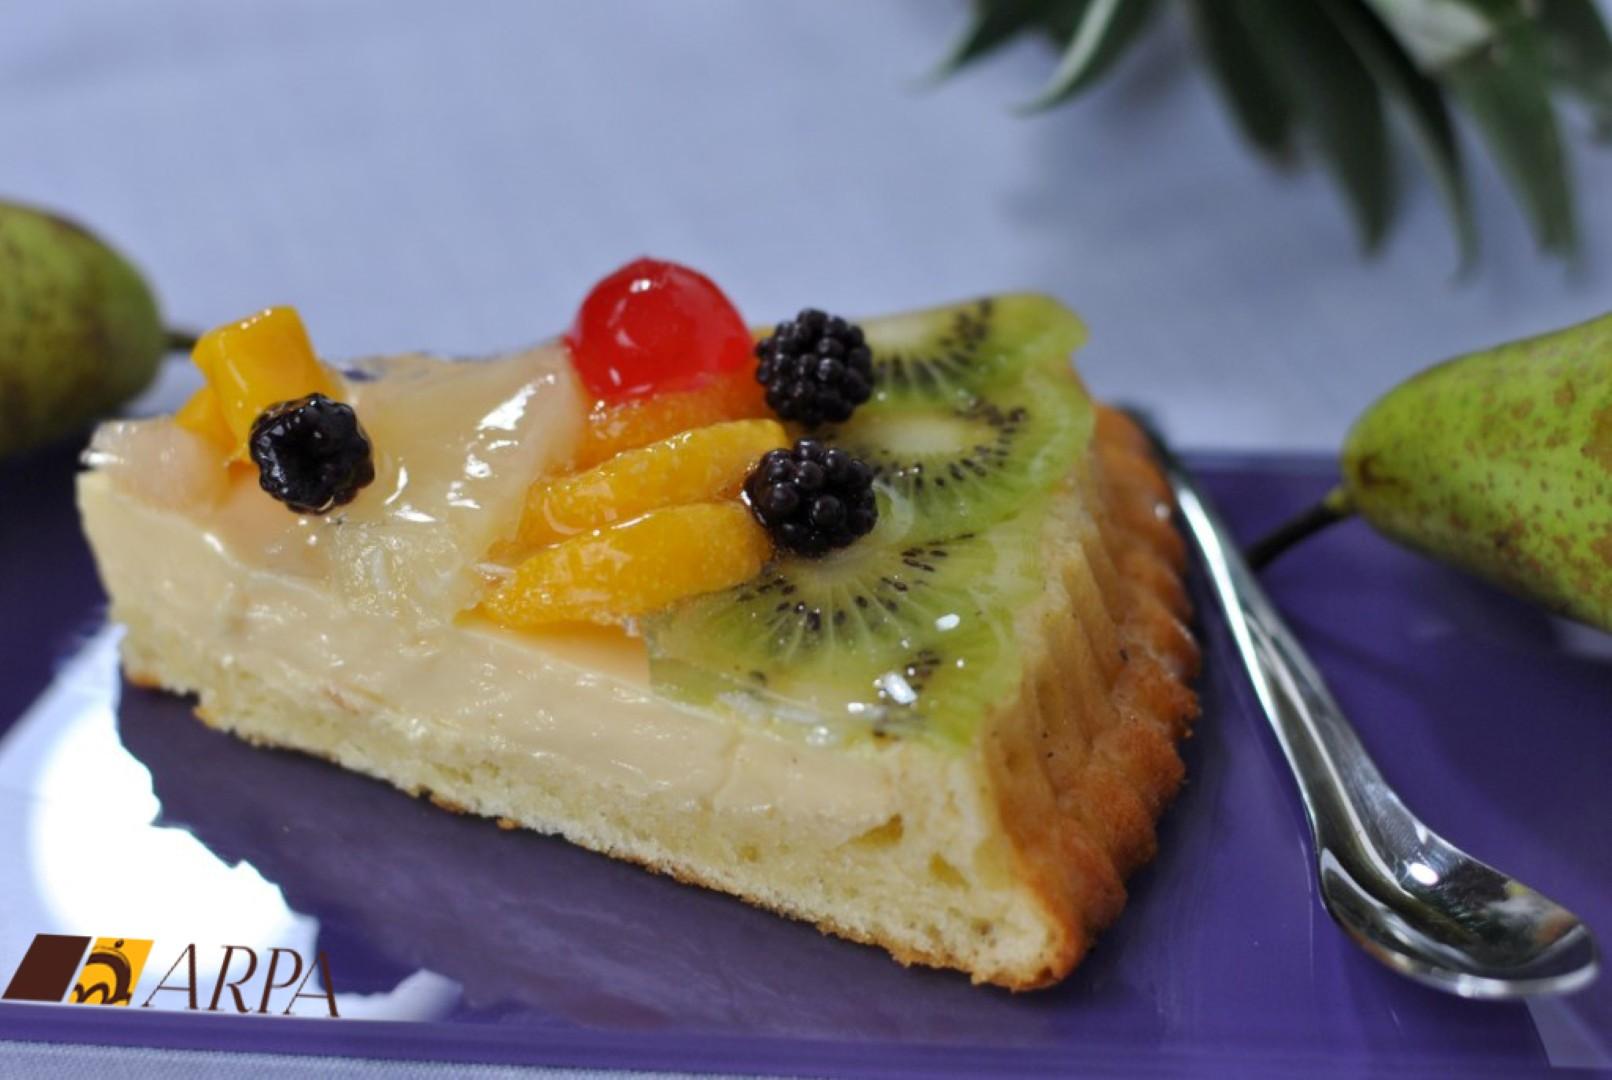 Pastelería Arpa Frutas